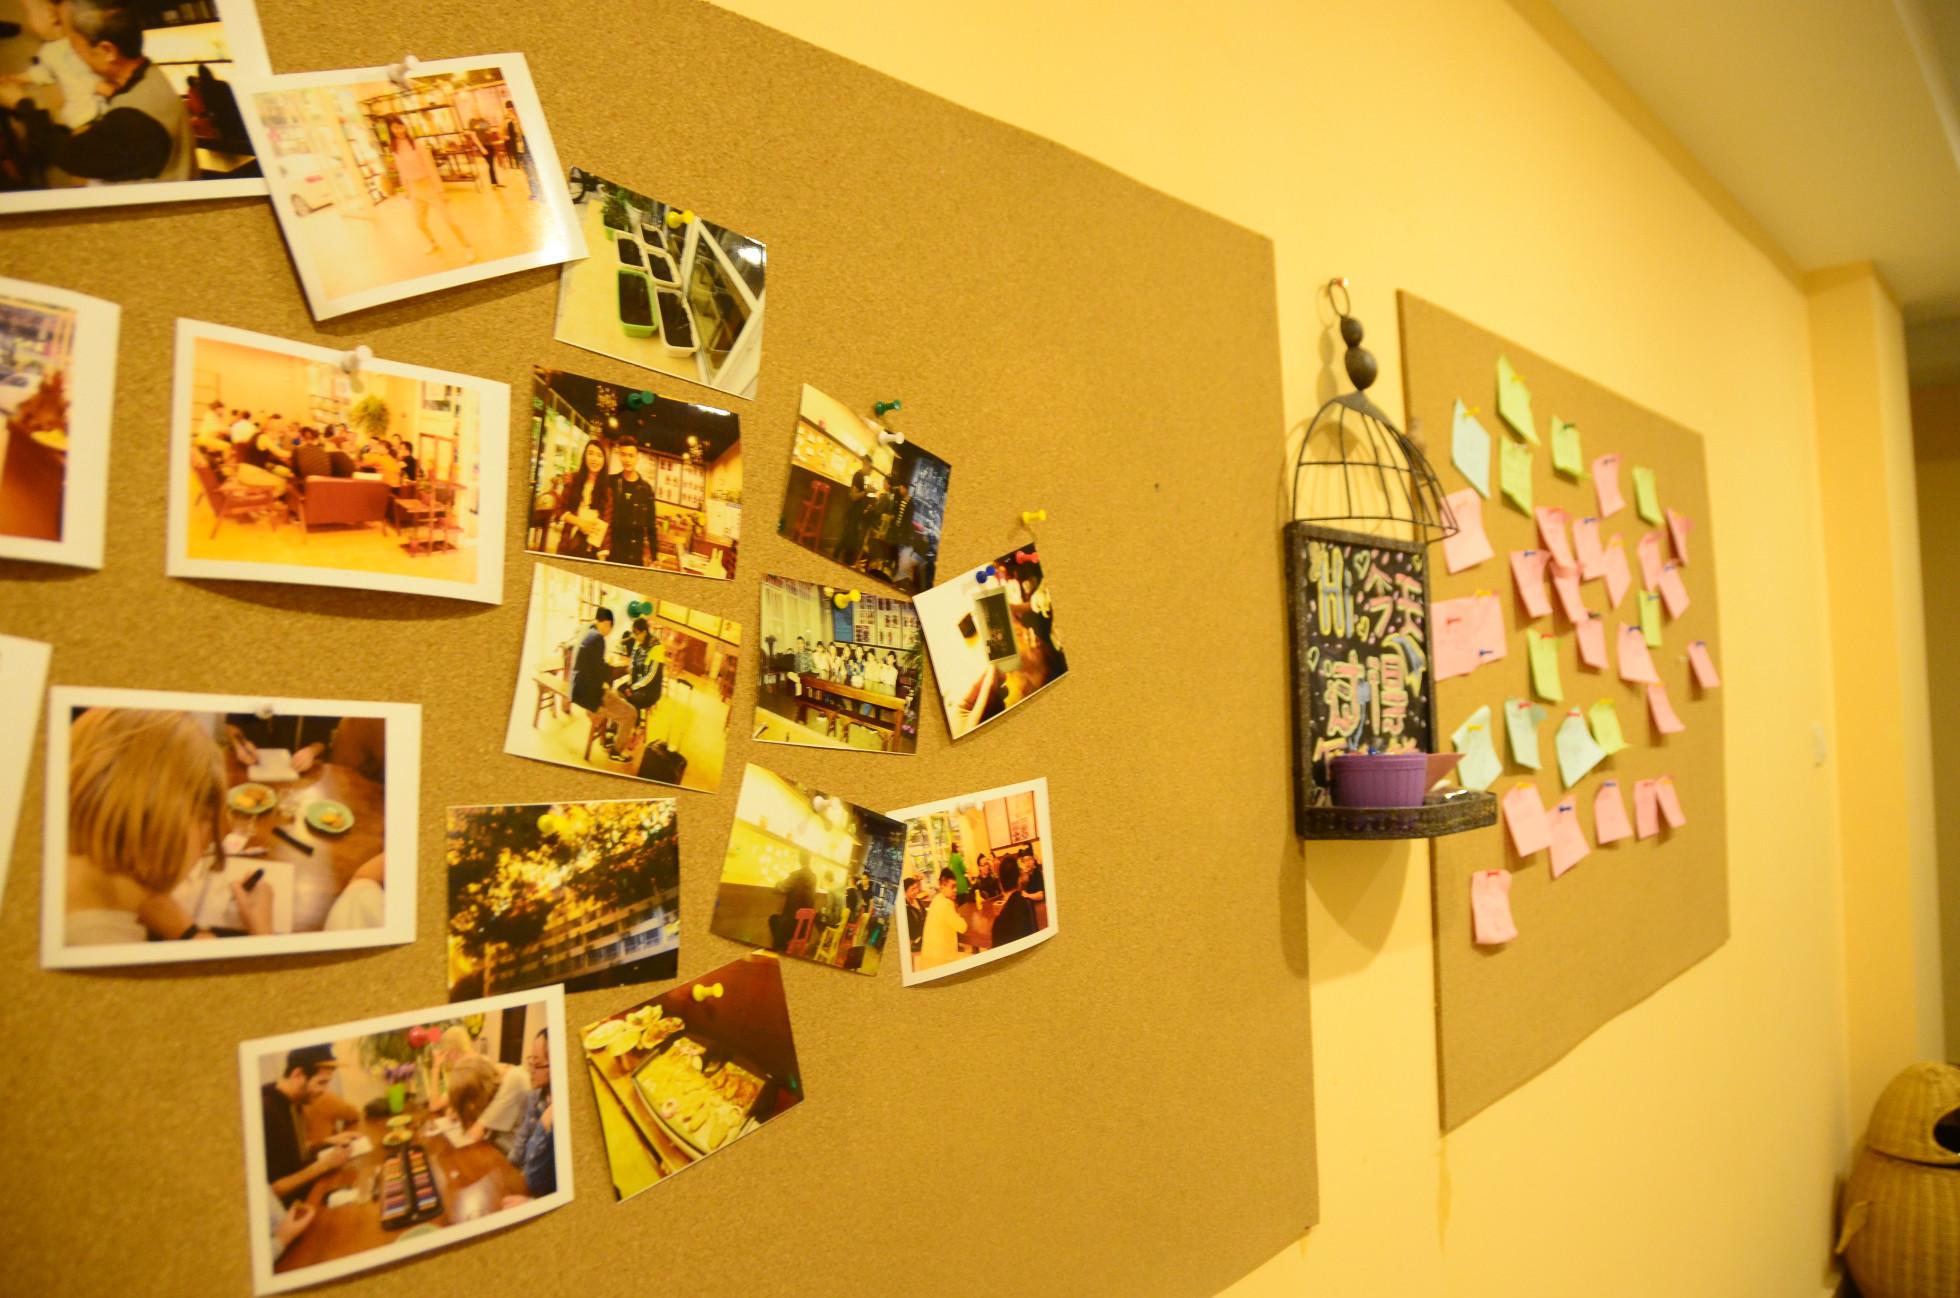 Leshan Haiyun International Youth Hostel